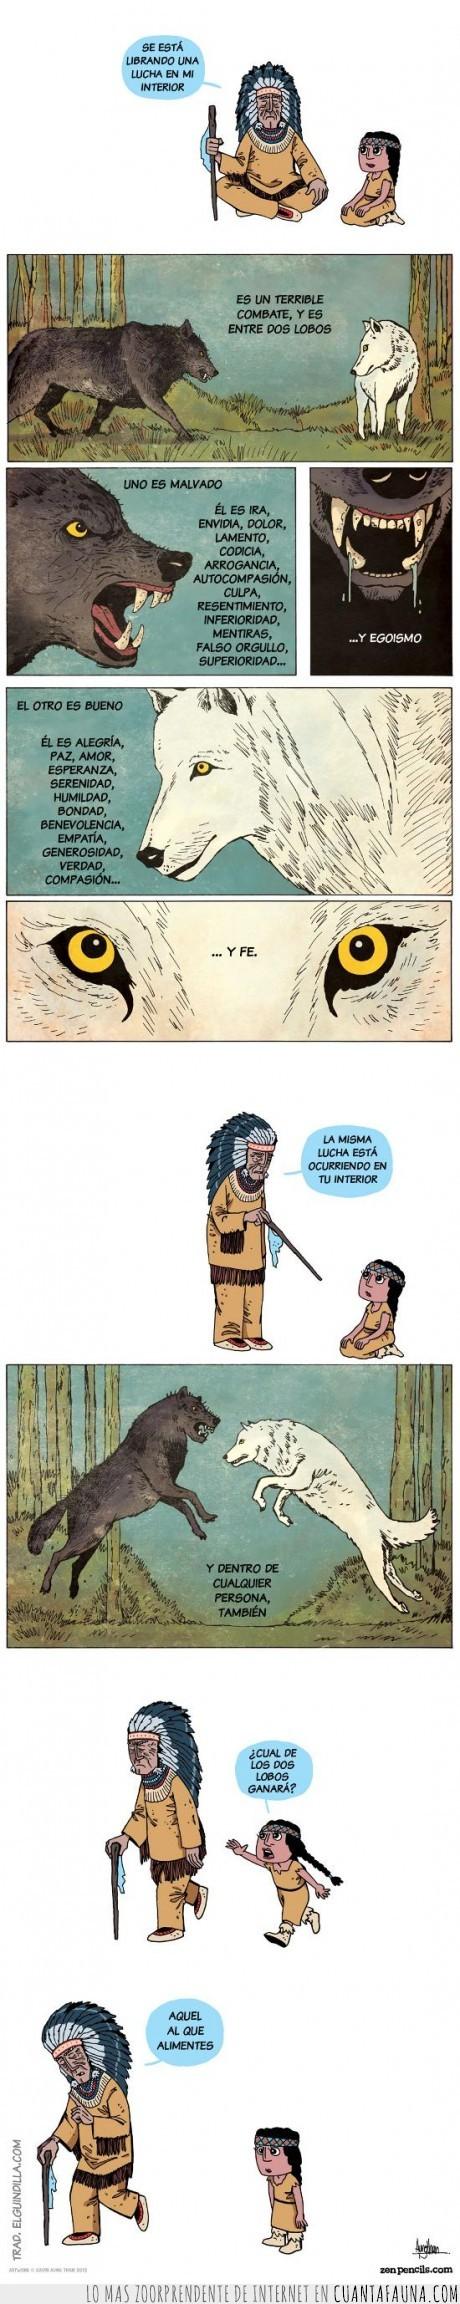 indio,lobo,moralidad,refrán